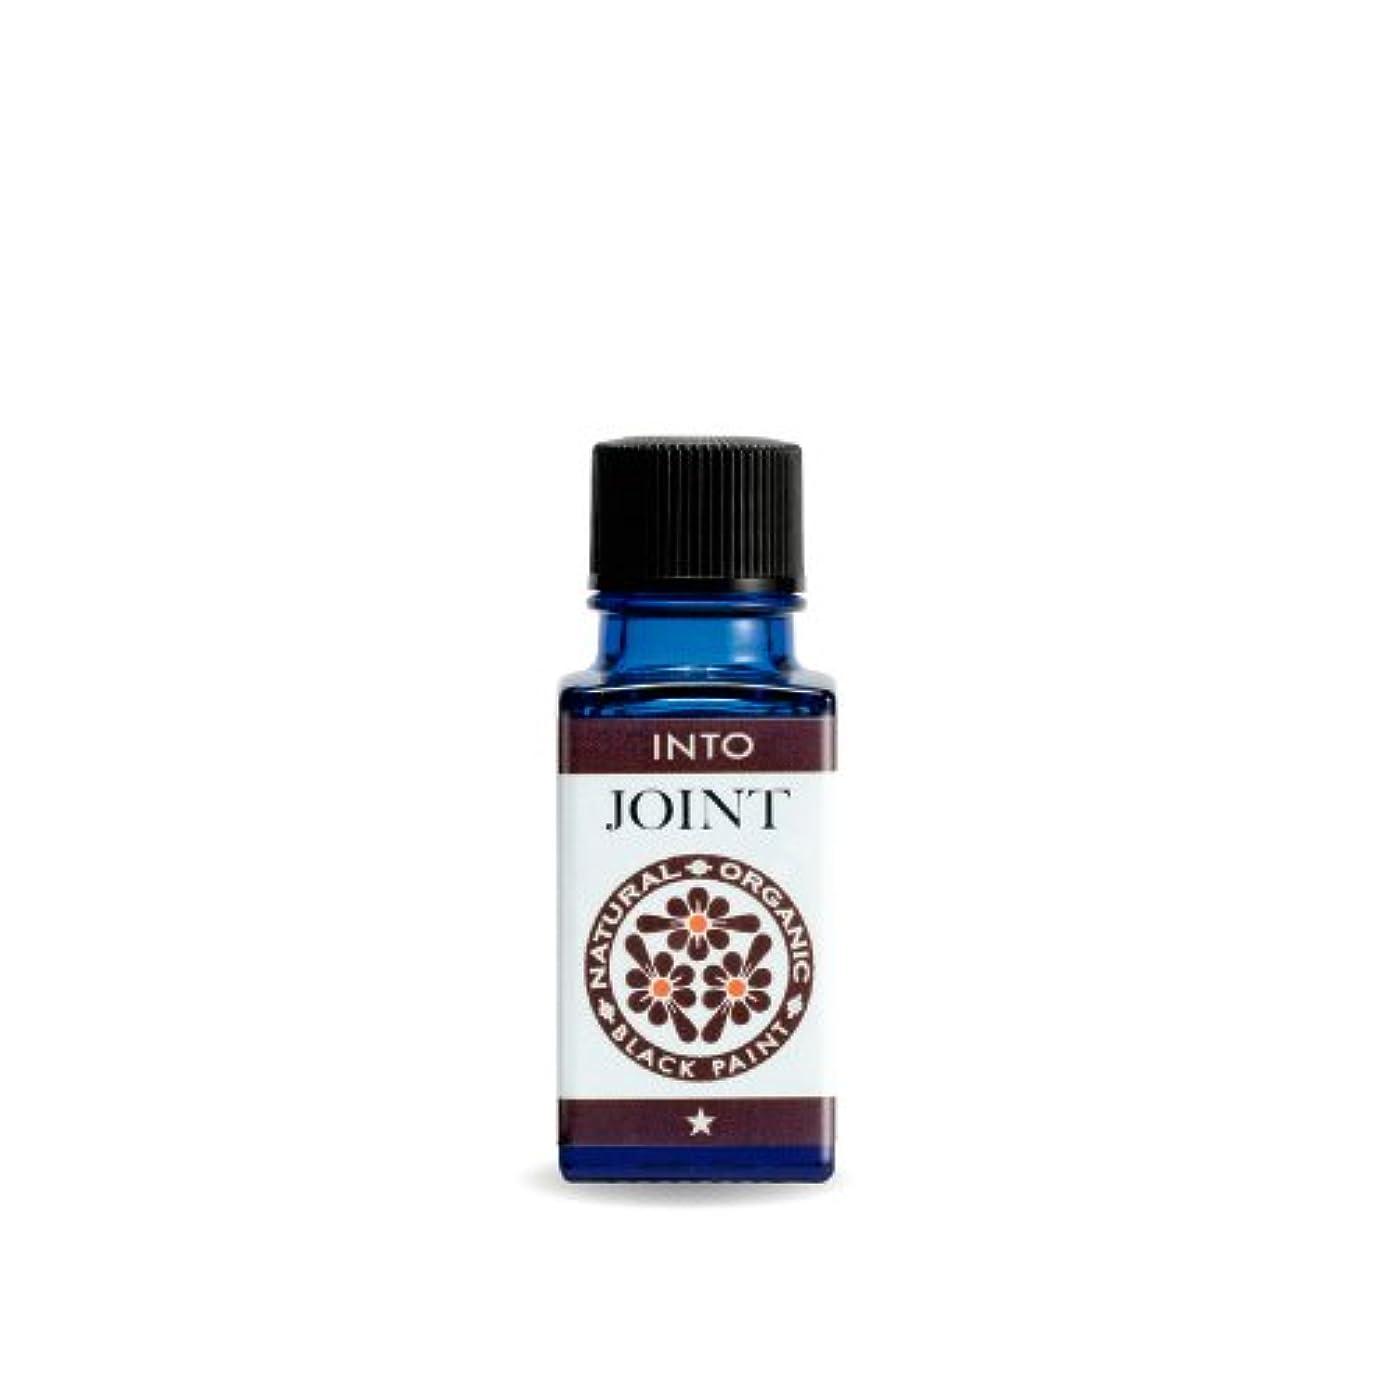 フォーマット純度ノミネート関節用 エッセンシャルオイル 美容液 INTO ジョイント 10ml ブラックペイント